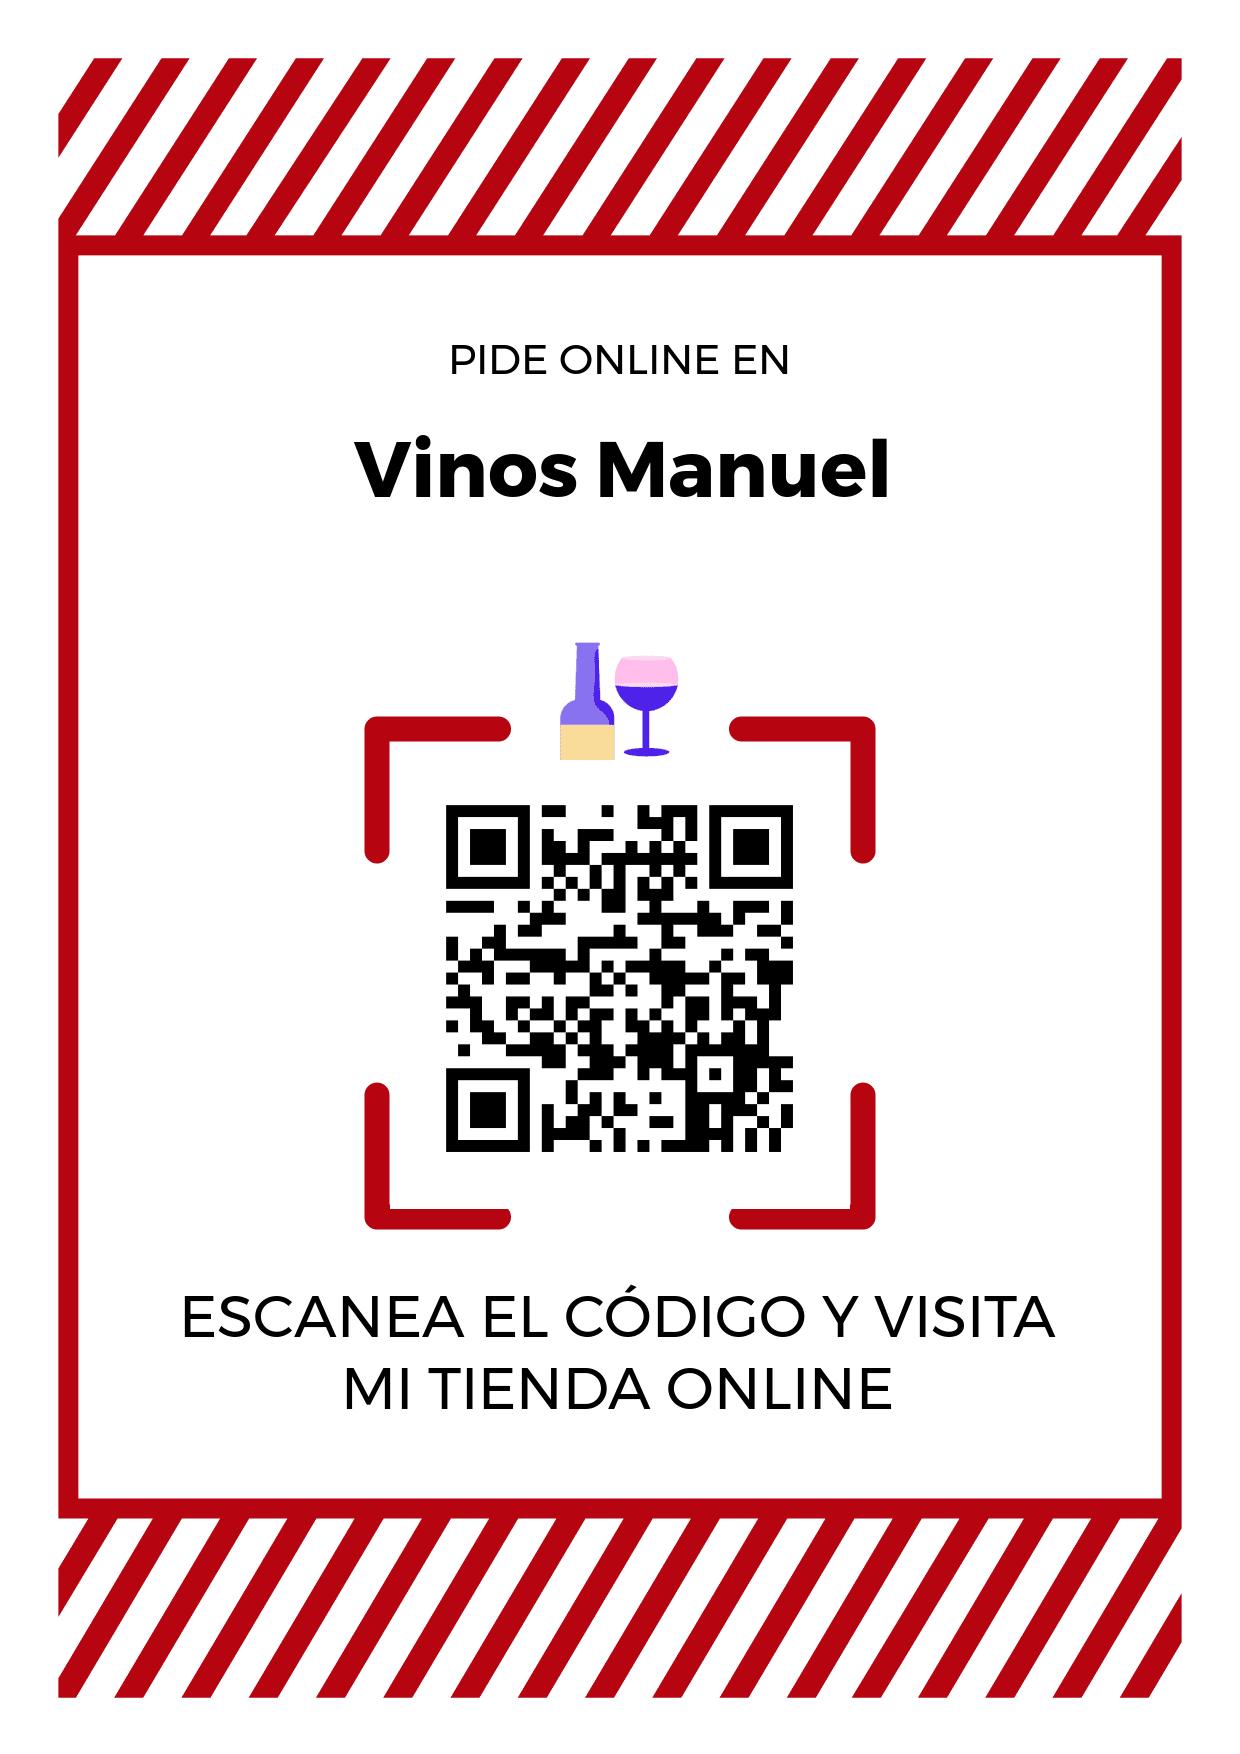 Cartel Póster de Código QR para tienda de Vinos